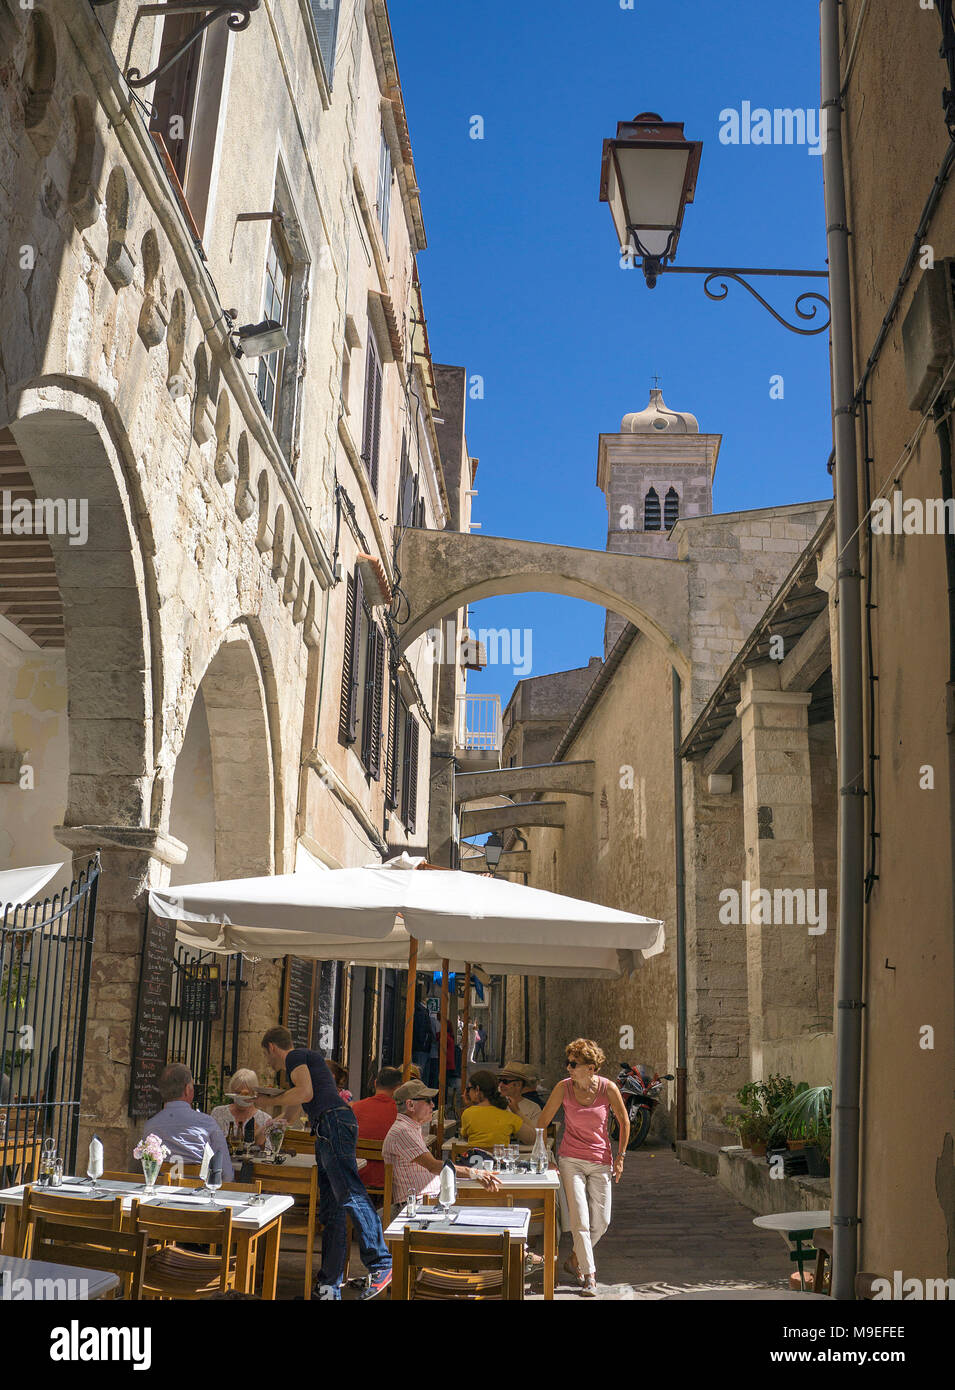 Idyllische Restaurant in der Altstadt, hinter der Kirche Eglise Sainte Marie Majeure, Bonifacio, Korsika, Frankreich, Mittelmeer, Europa Stockbild